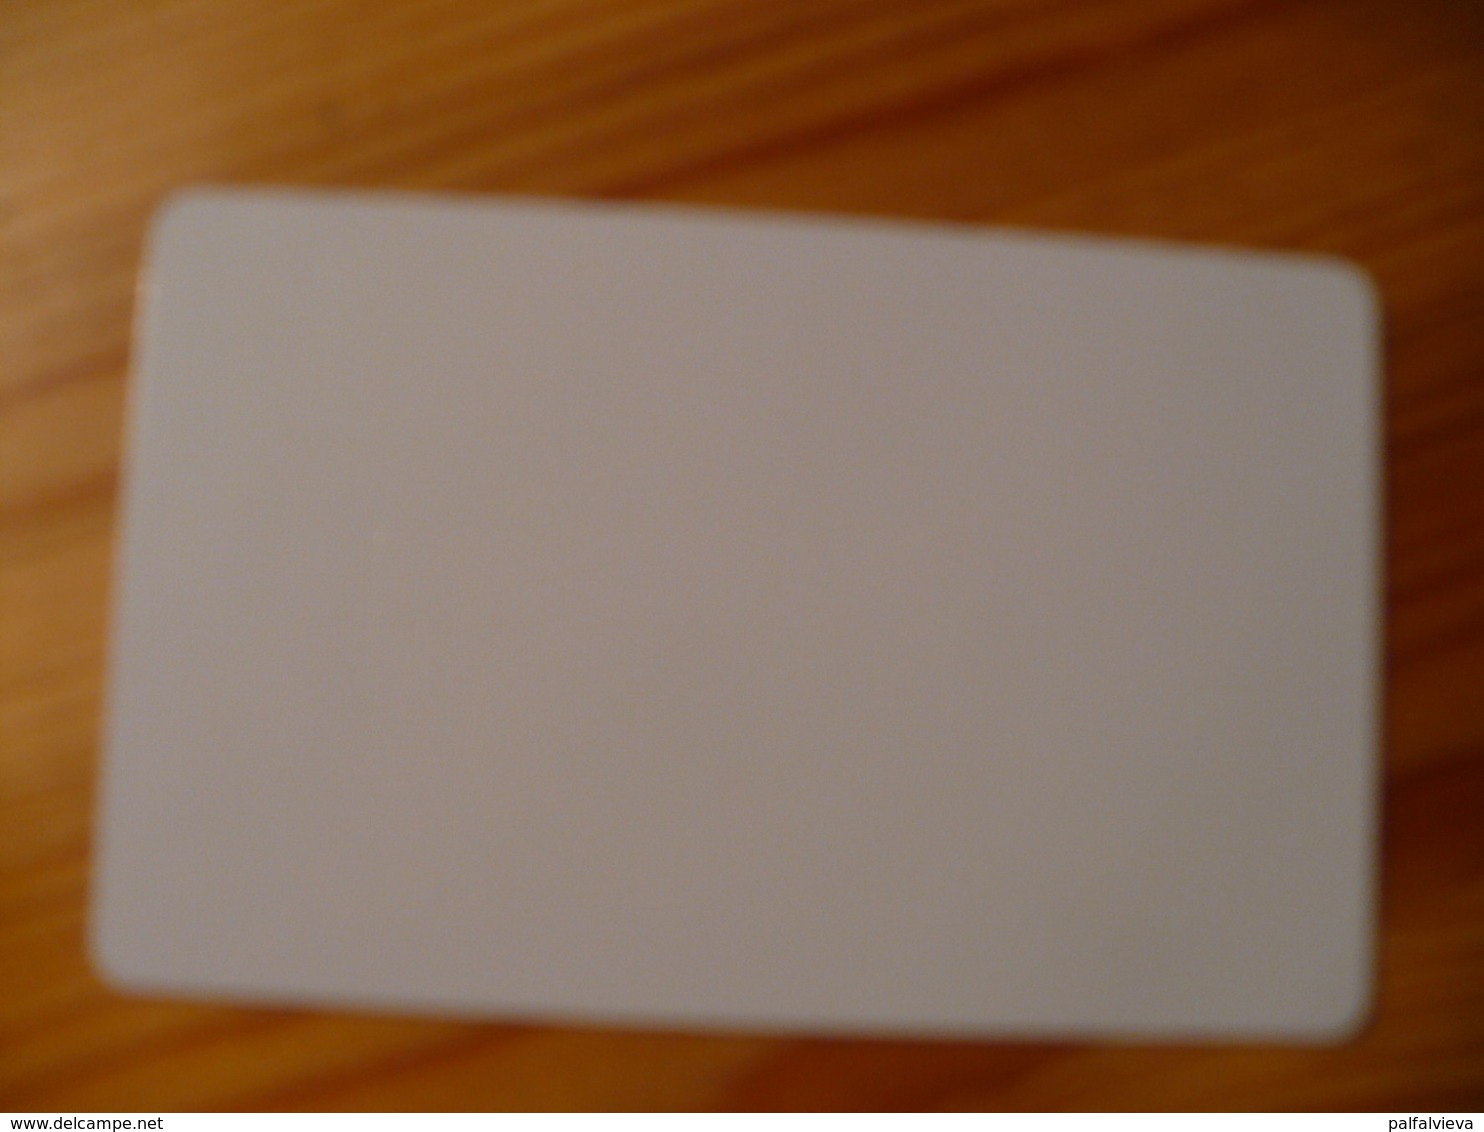 Membership Card Hungary - Opel - Sonstige